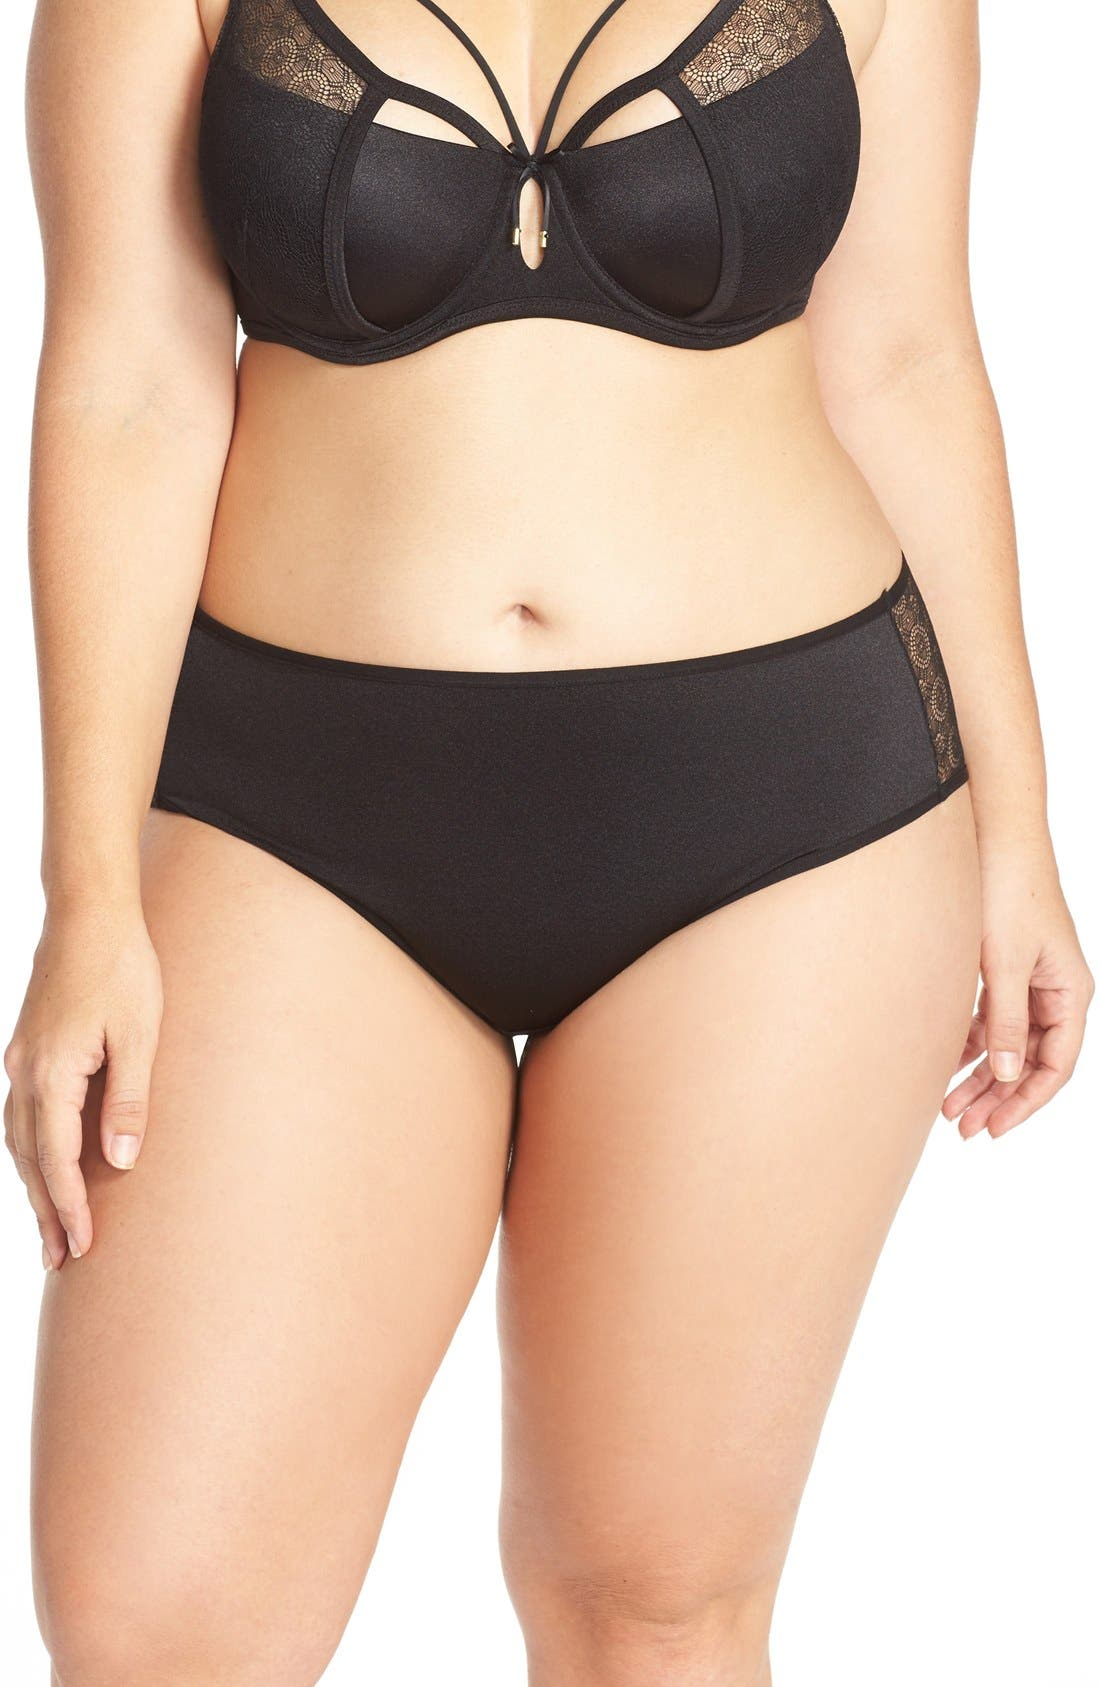 Ashley Graham 'Diva' Lace Back Briefs (Plus Size)